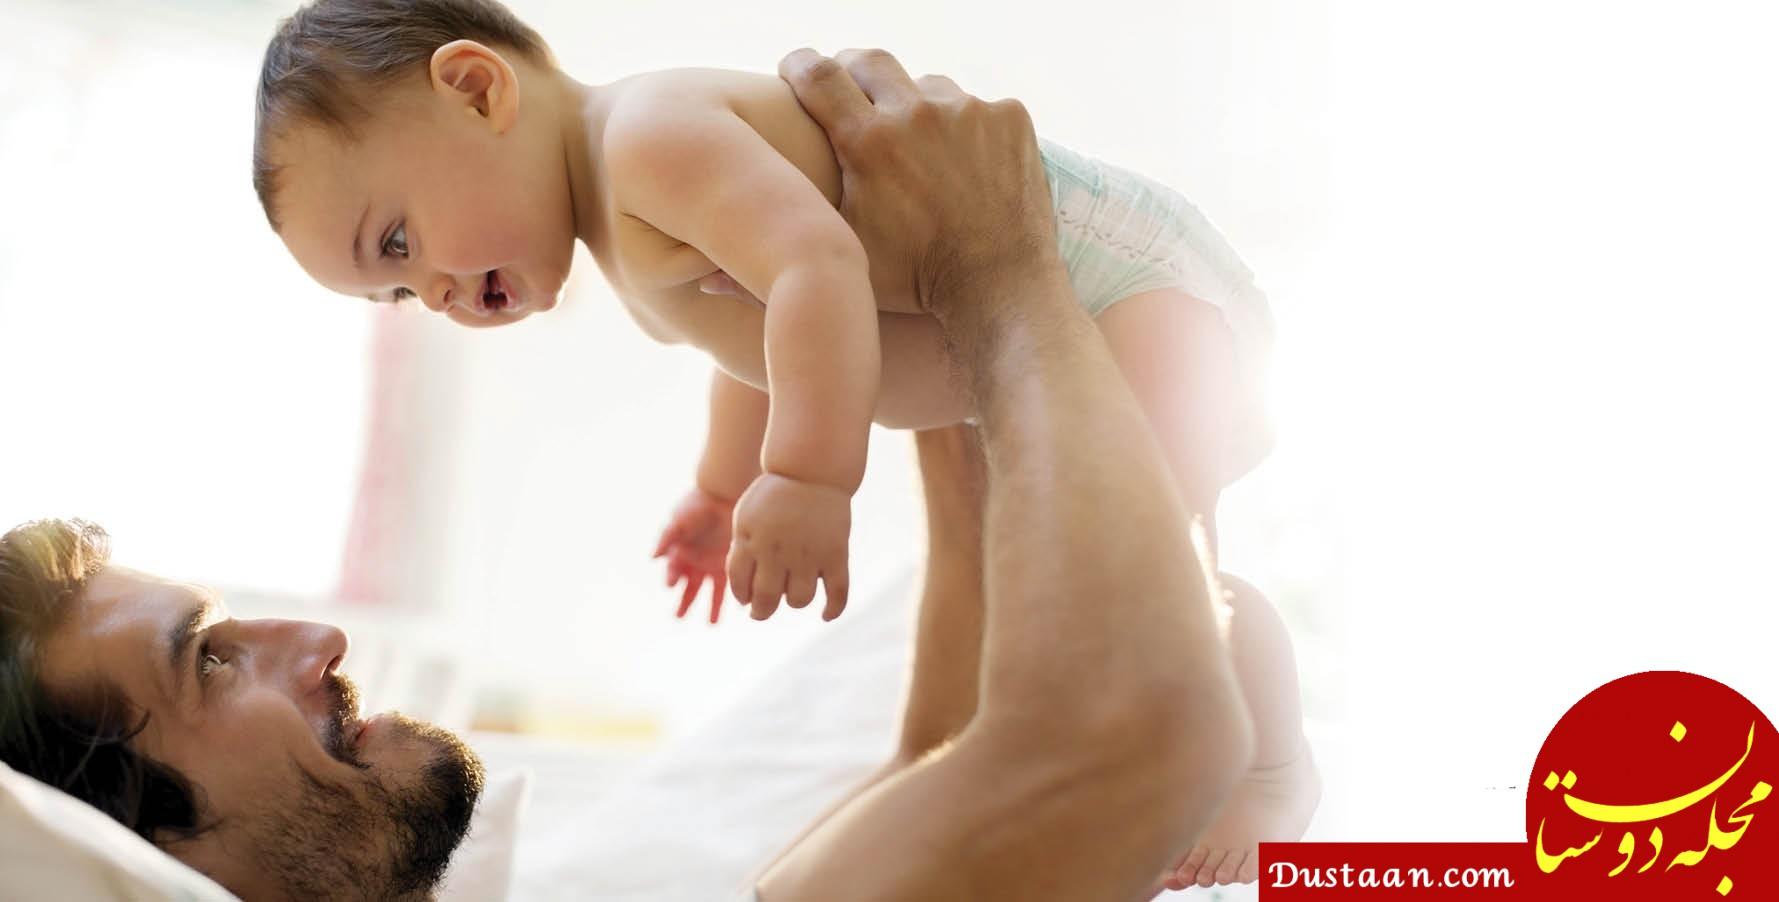 تغذیه مناسب و سلامت جسمی و روحی پدر تأثیر زیادی در باروری او دارد